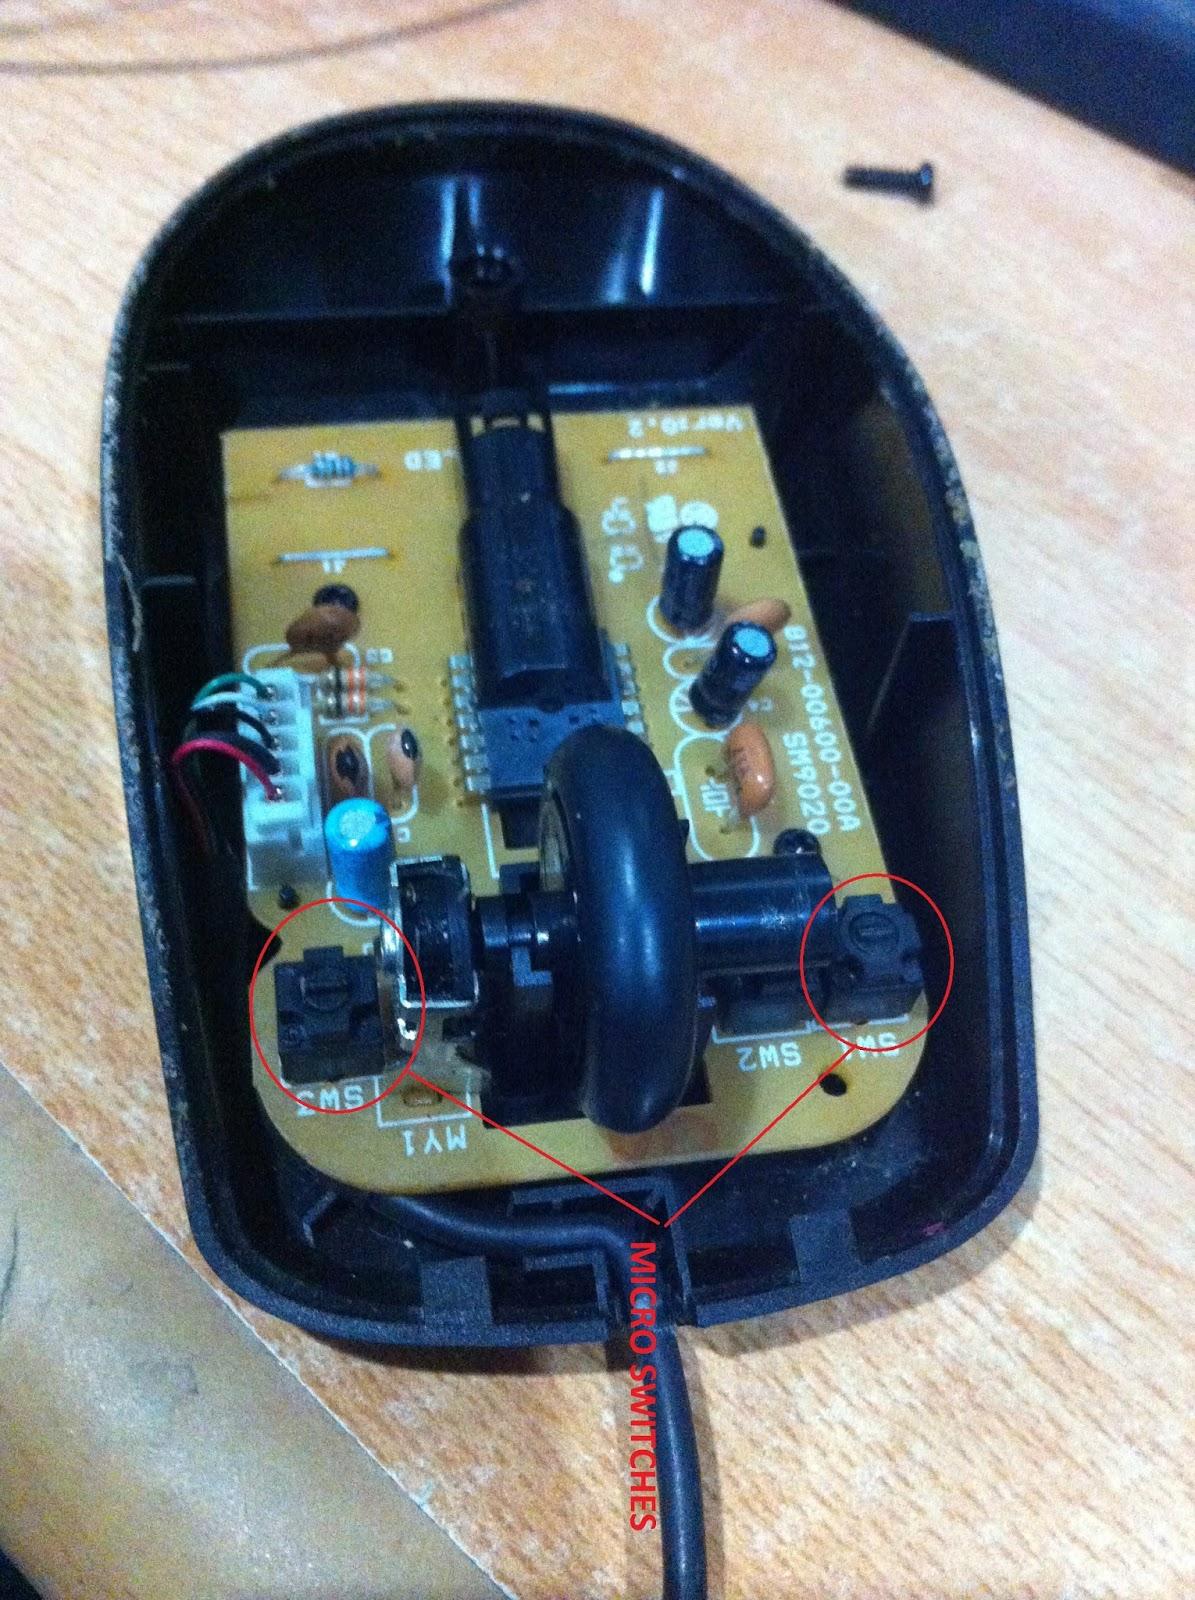 Cara Memperbaiki Mouse Yang Rusak : memperbaiki, mouse, rusak, CARA:, MEMPERBAIKI, MOUSE, MICRO, SWITCHES, RUSAK, KURANG, SENSITIF